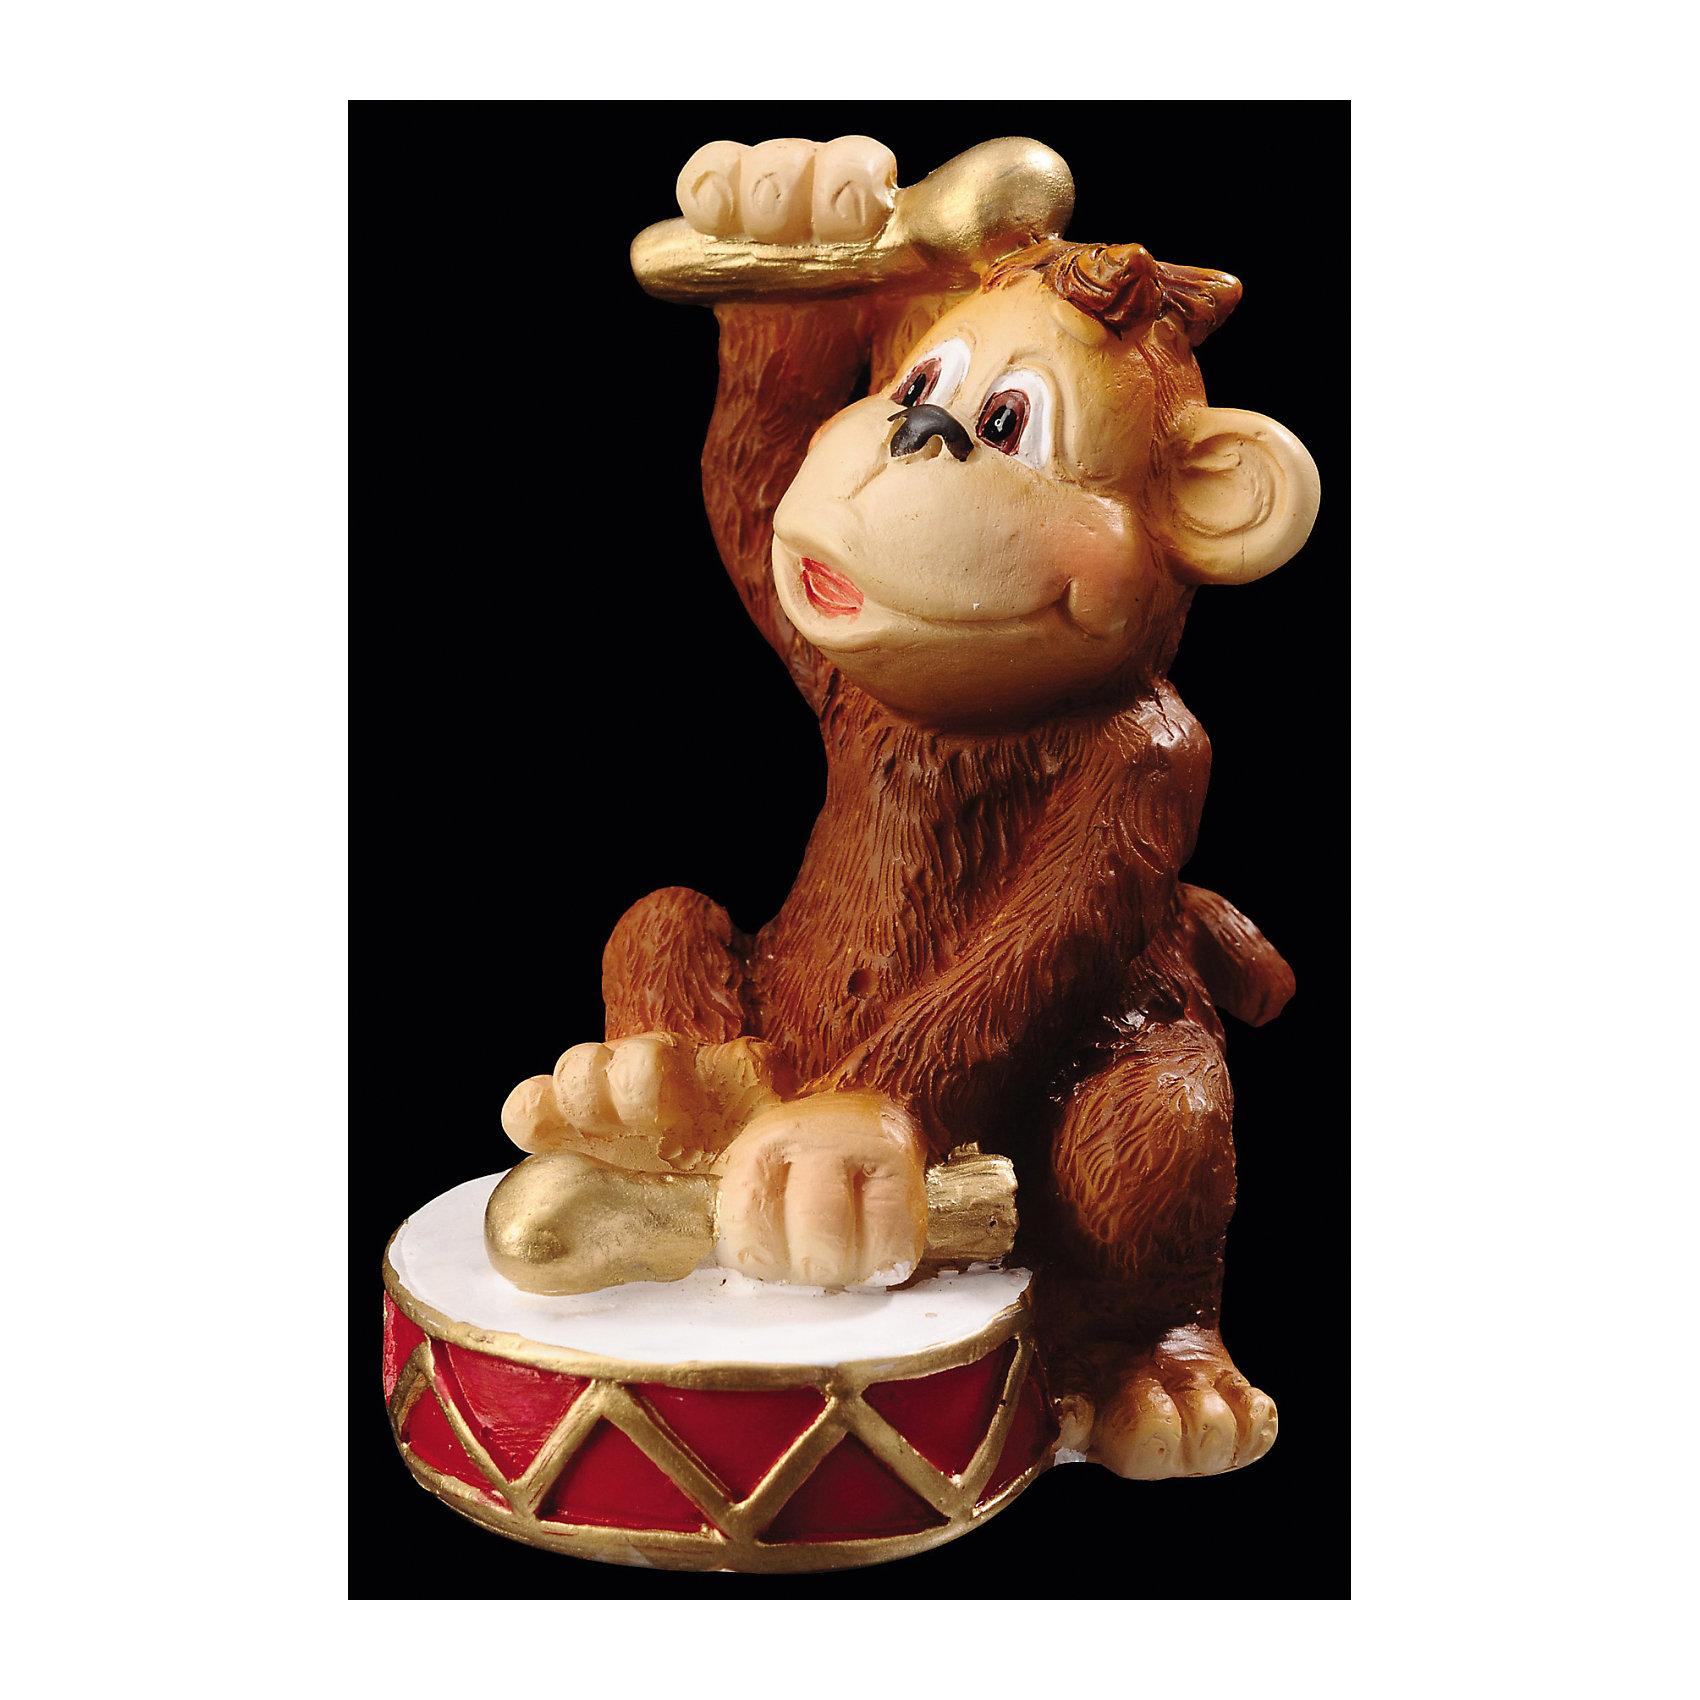 Сувенир Музыкальный павиан 7 смНовинки Новый Год<br>Сувенир Музыкальный павиан 7 см представляет собой объемную фигурку обезьянки, которая бьет в барабан, возвещая о приходе года огненной обезьяны! Небольшой сувенир послужит замечательным мини-презентом коллегам, близким и друзьям на Новый Год, который будет талисманом в течение всего 2016 года и принесет в дом счастье, удачу и финансовое благополучие!<br><br>Дополнительная информация:<br>-Материалы: полирезина<br>-Размер в упаковке: 5х4,5х7 см<br>-Вес в упаковке: 52 г<br>-Размер: 7 см<br><br>Сувенир Музыкальный павиан 7 см можно купить в нашем магазине.<br><br>Ширина мм: 50<br>Глубина мм: 45<br>Высота мм: 70<br>Вес г: 52<br>Возраст от месяцев: 84<br>Возраст до месяцев: 2147483647<br>Пол: Унисекс<br>Возраст: Детский<br>SKU: 4286673